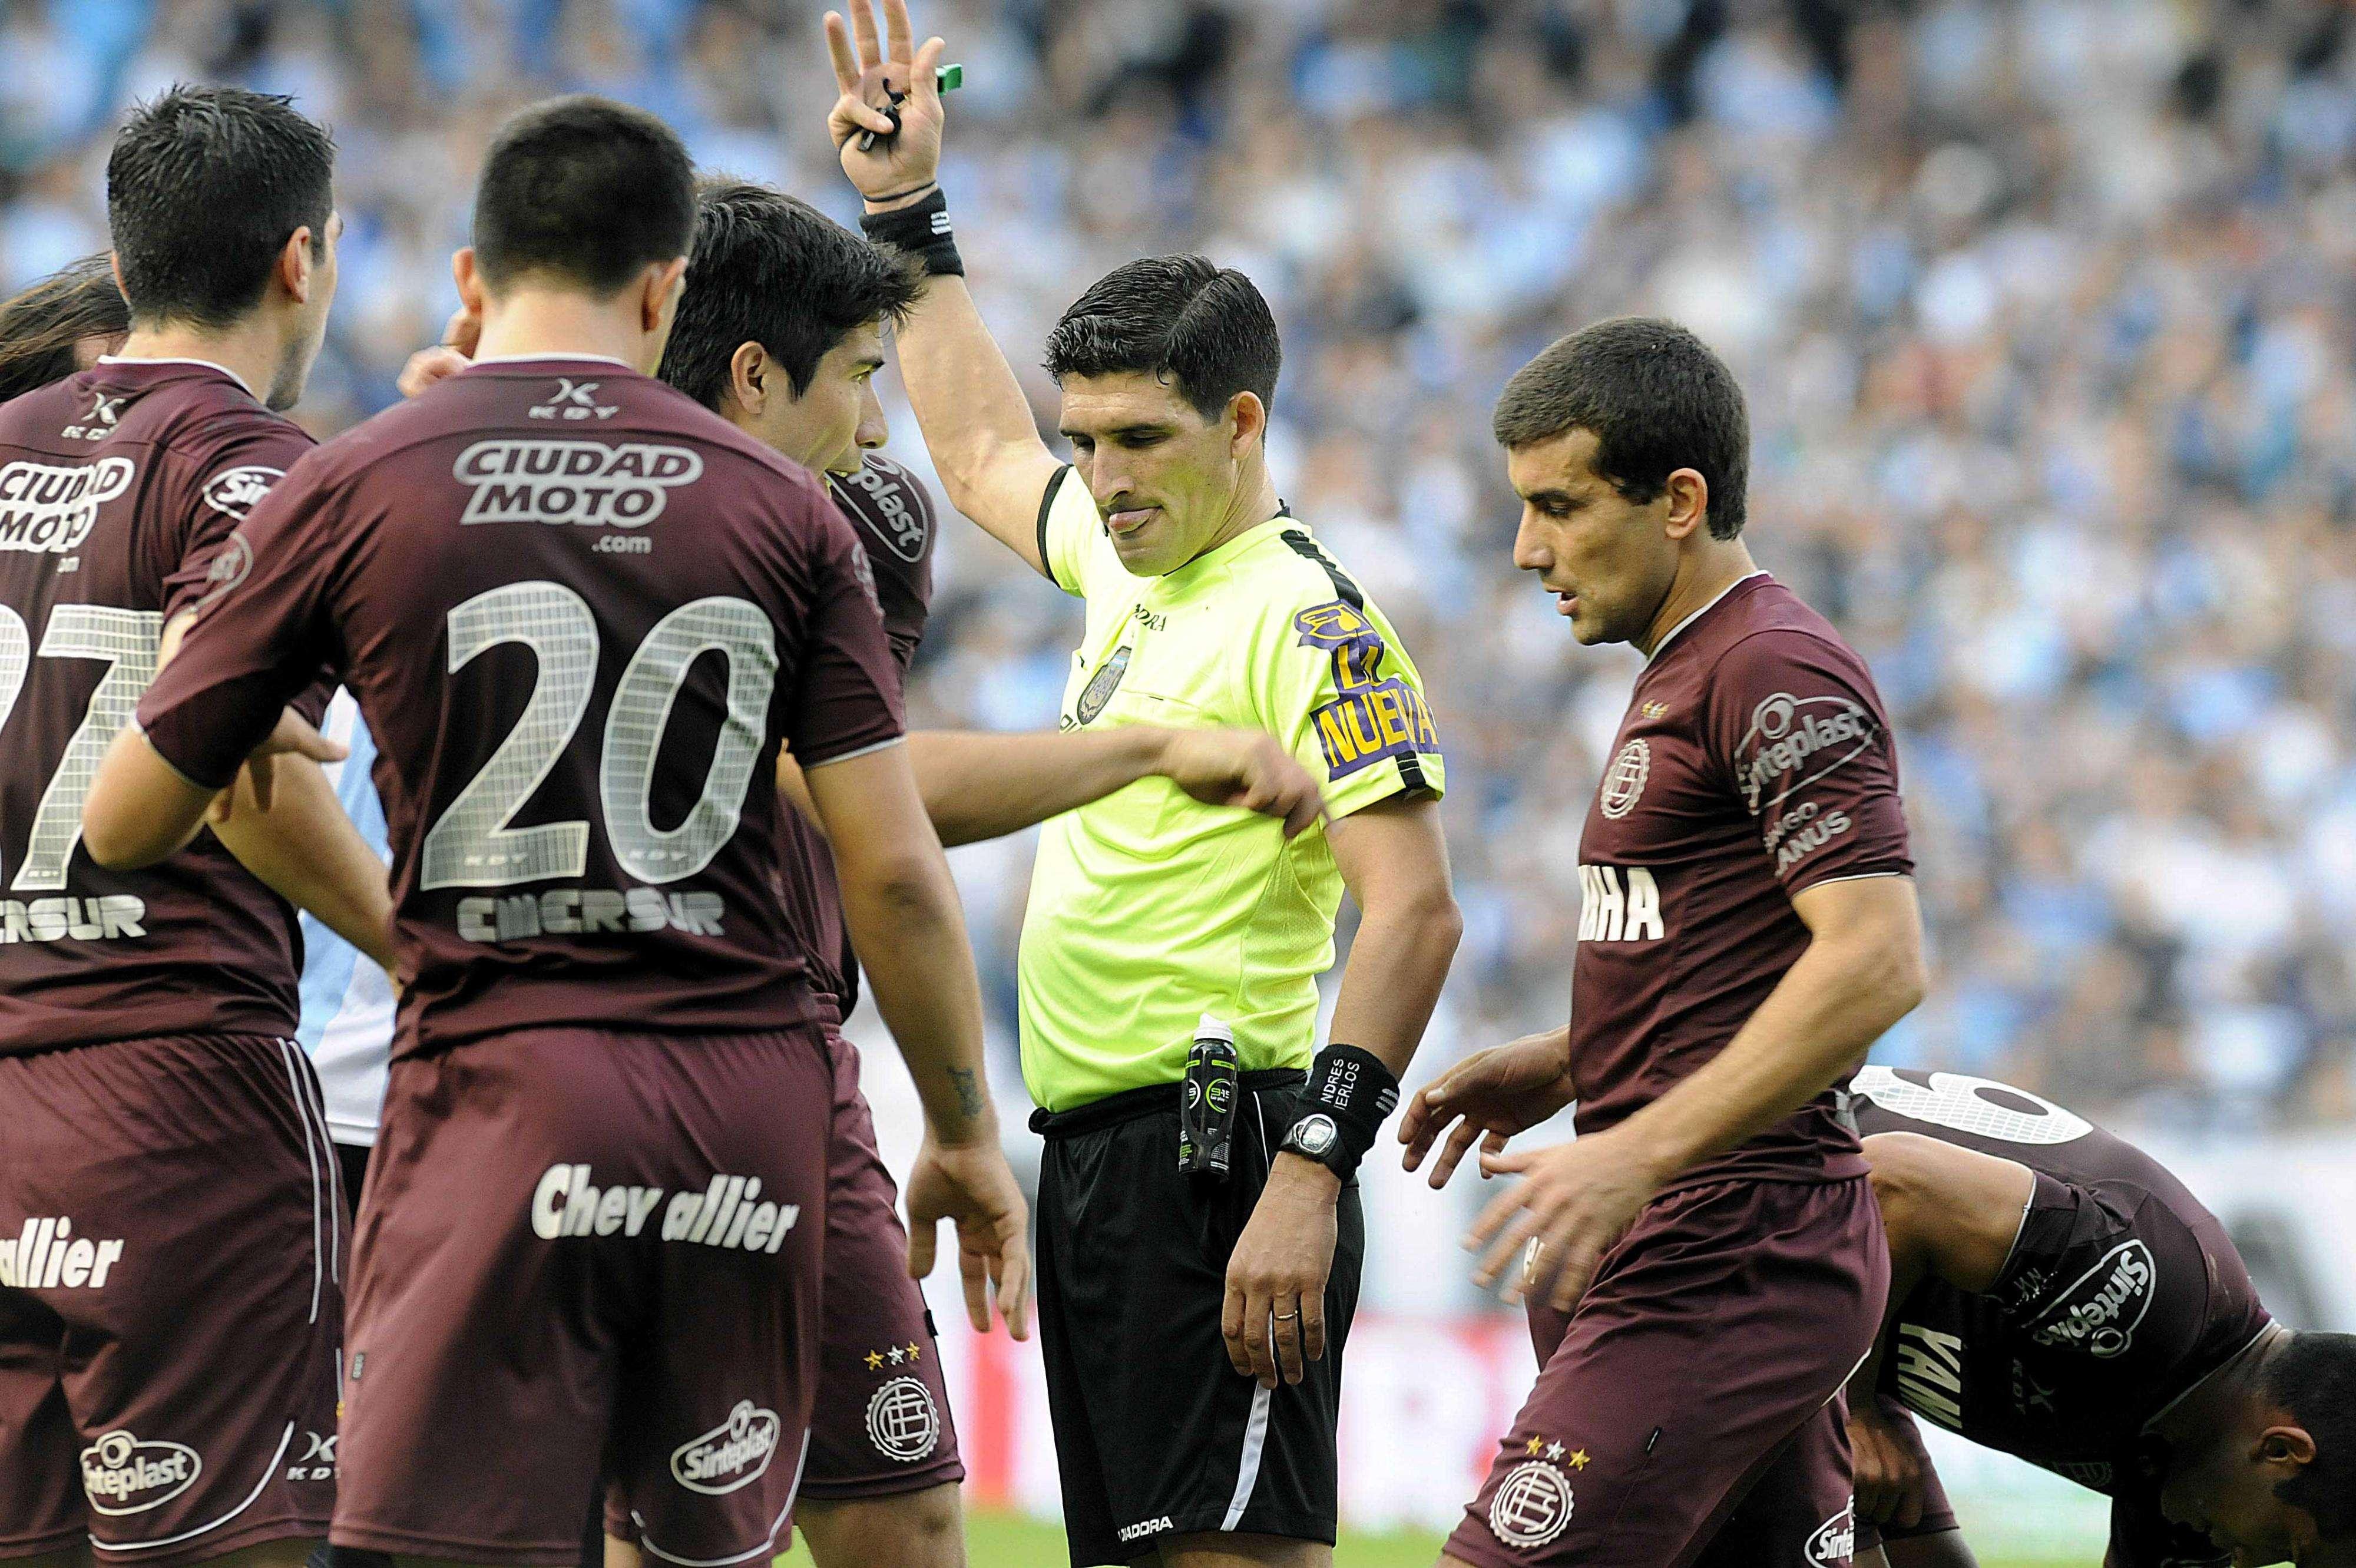 Lanús venció a Racing 3 a 1 con goles de Silvio Romero -dos veces- y Diego González. Centurión había marcado al inicio para los de Avellaneda. Foto: Agencias